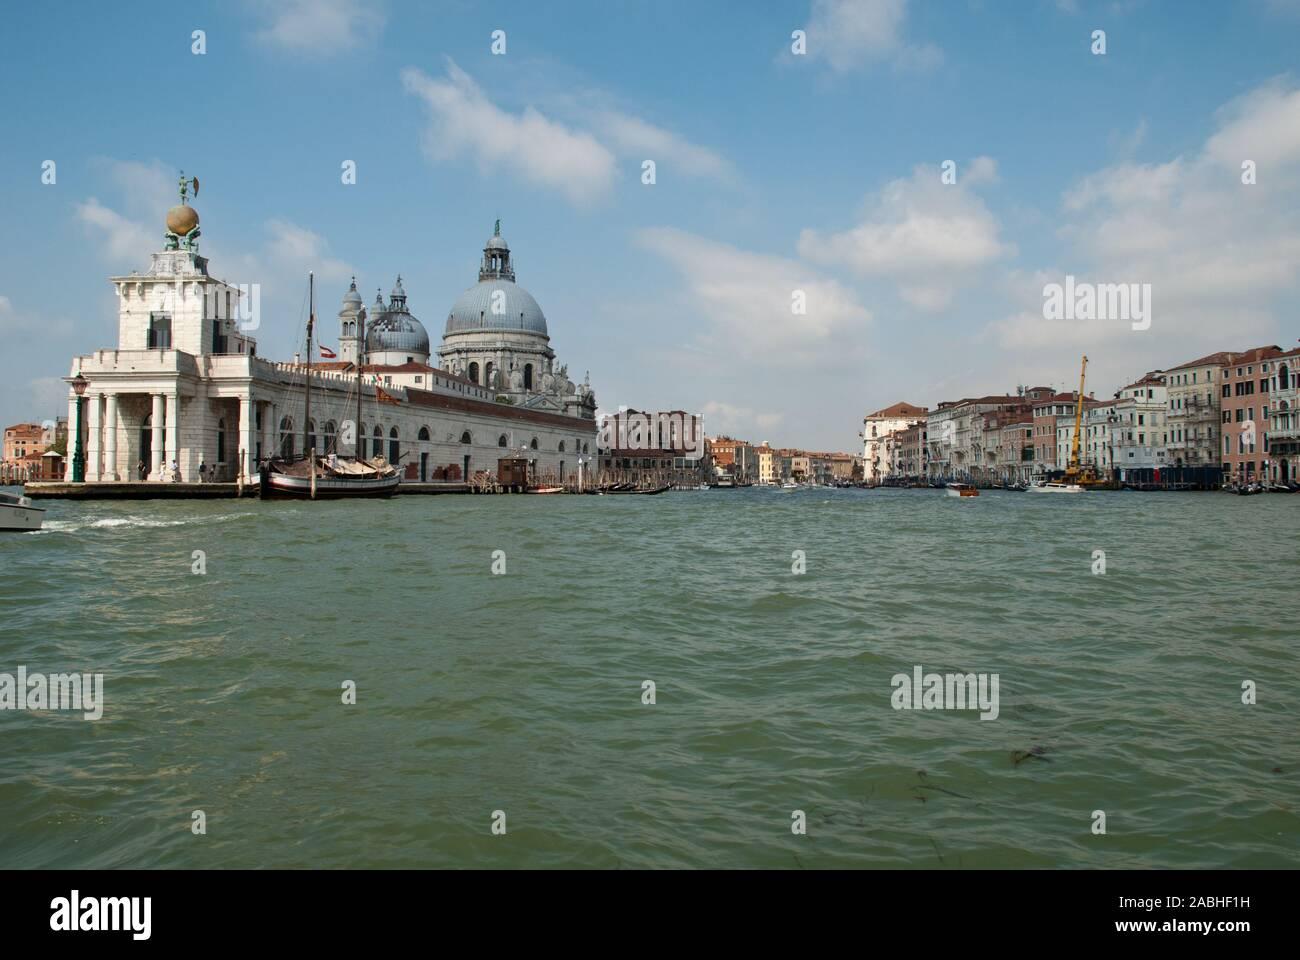 Venice, Italy: Basilica di Santa Maria della Salute und Punta della Dogana, view from a boat into the Grand Canal Stock Photo